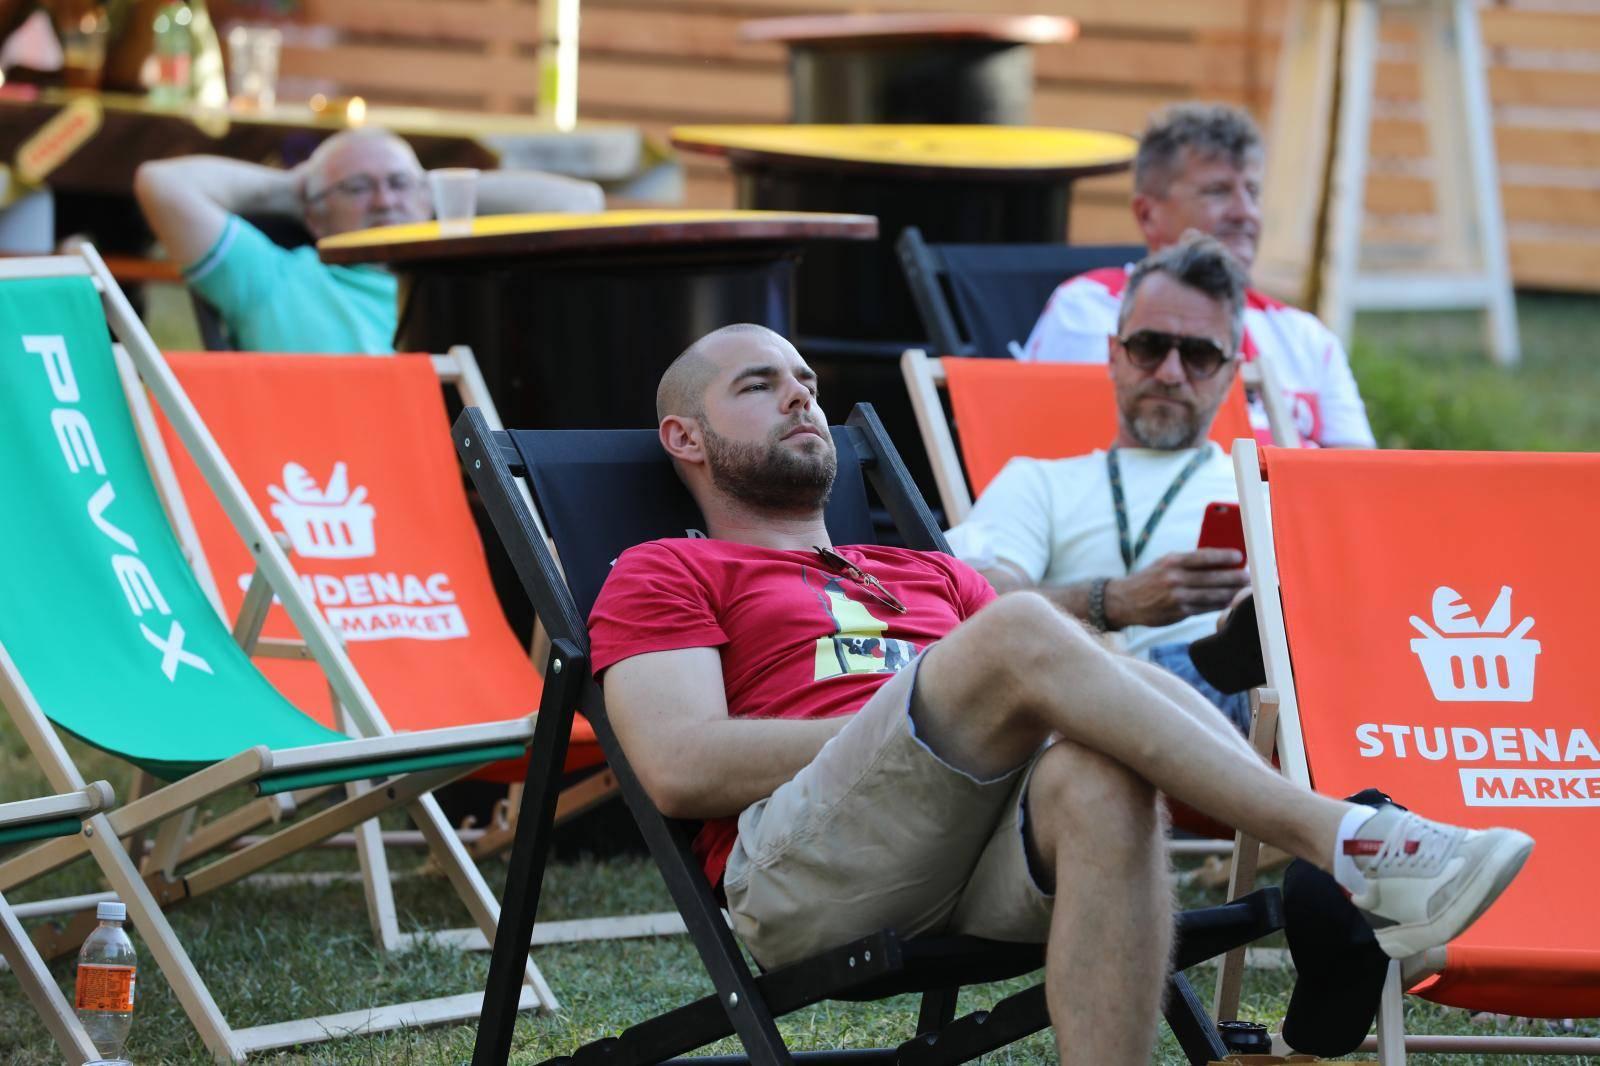 Dobra atmosfera na Jarunu: Uz hranu i piće, napeto se pratila utakmica Hrvatska - Španjolska